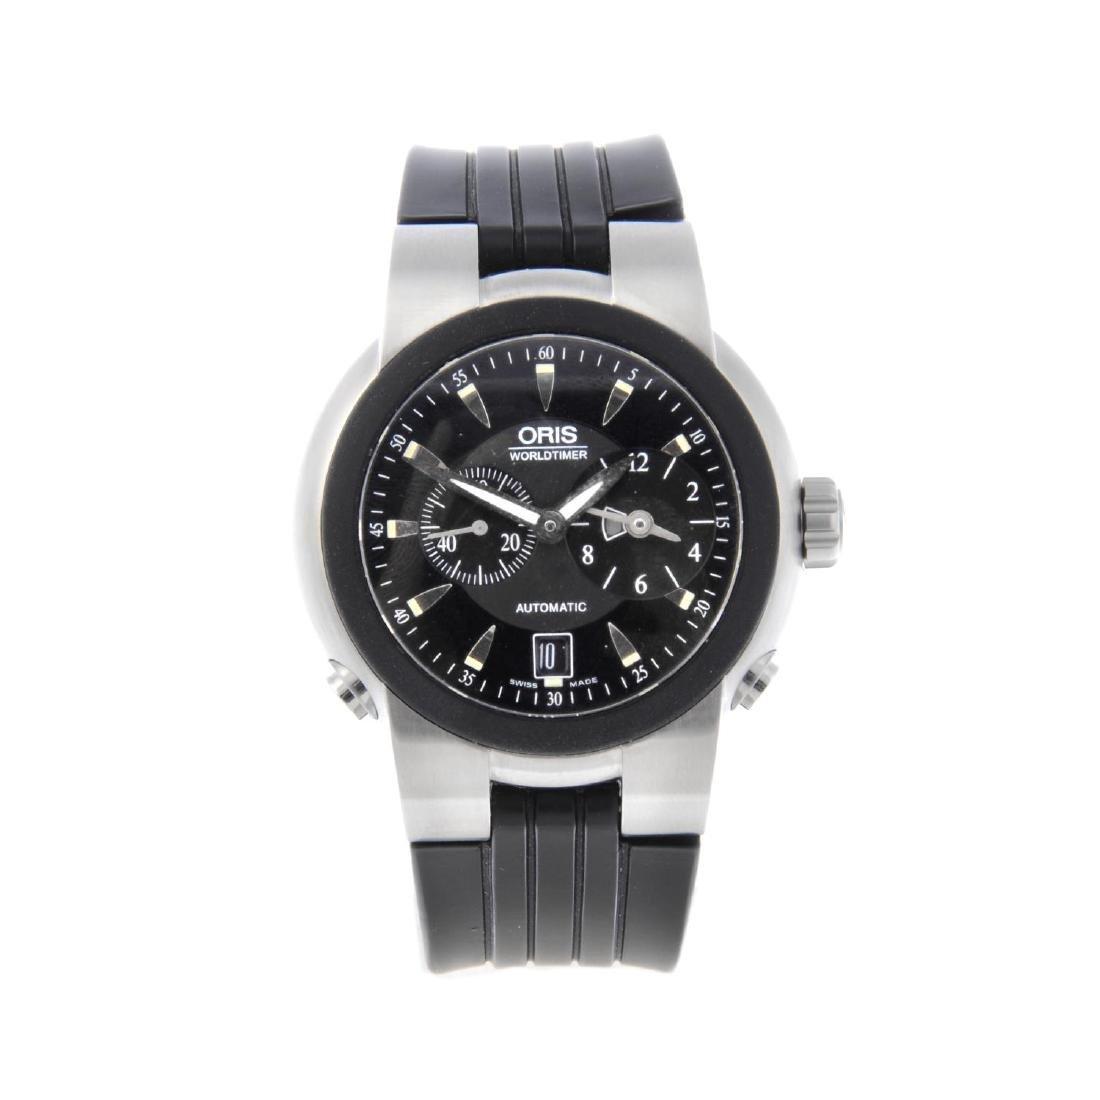 ORIS - a gentleman's TT1 Worldtimer wrist watch.